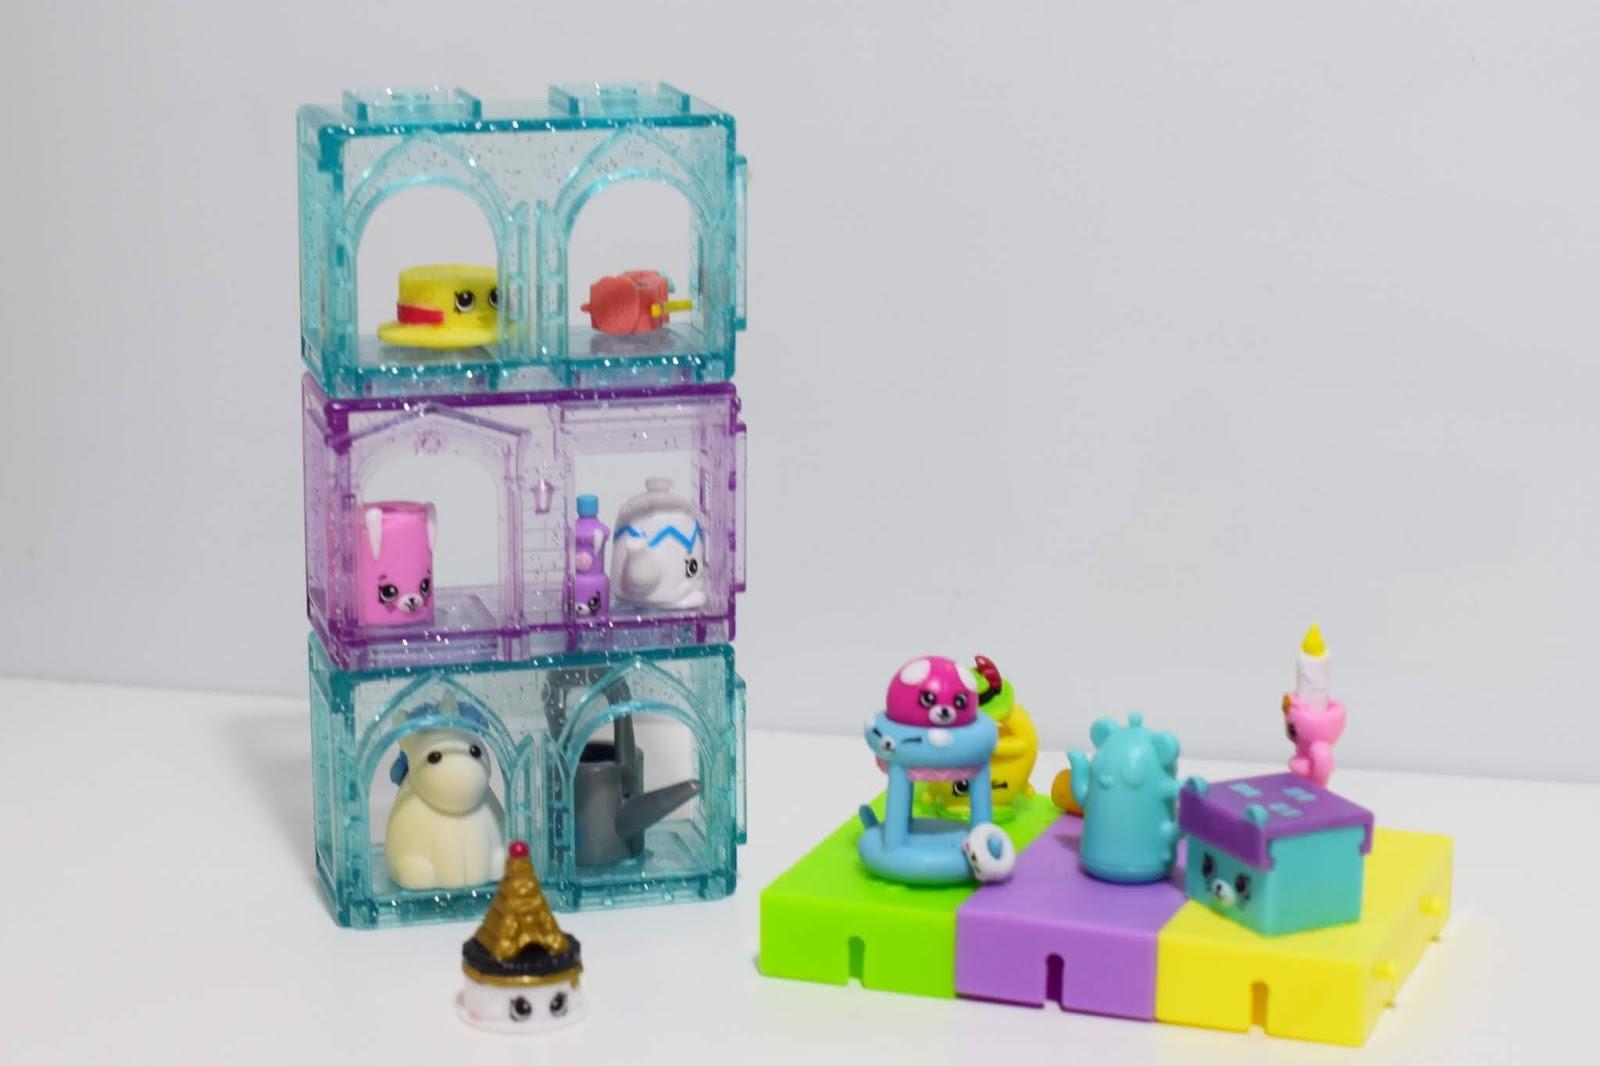 zabawki do 30 zł